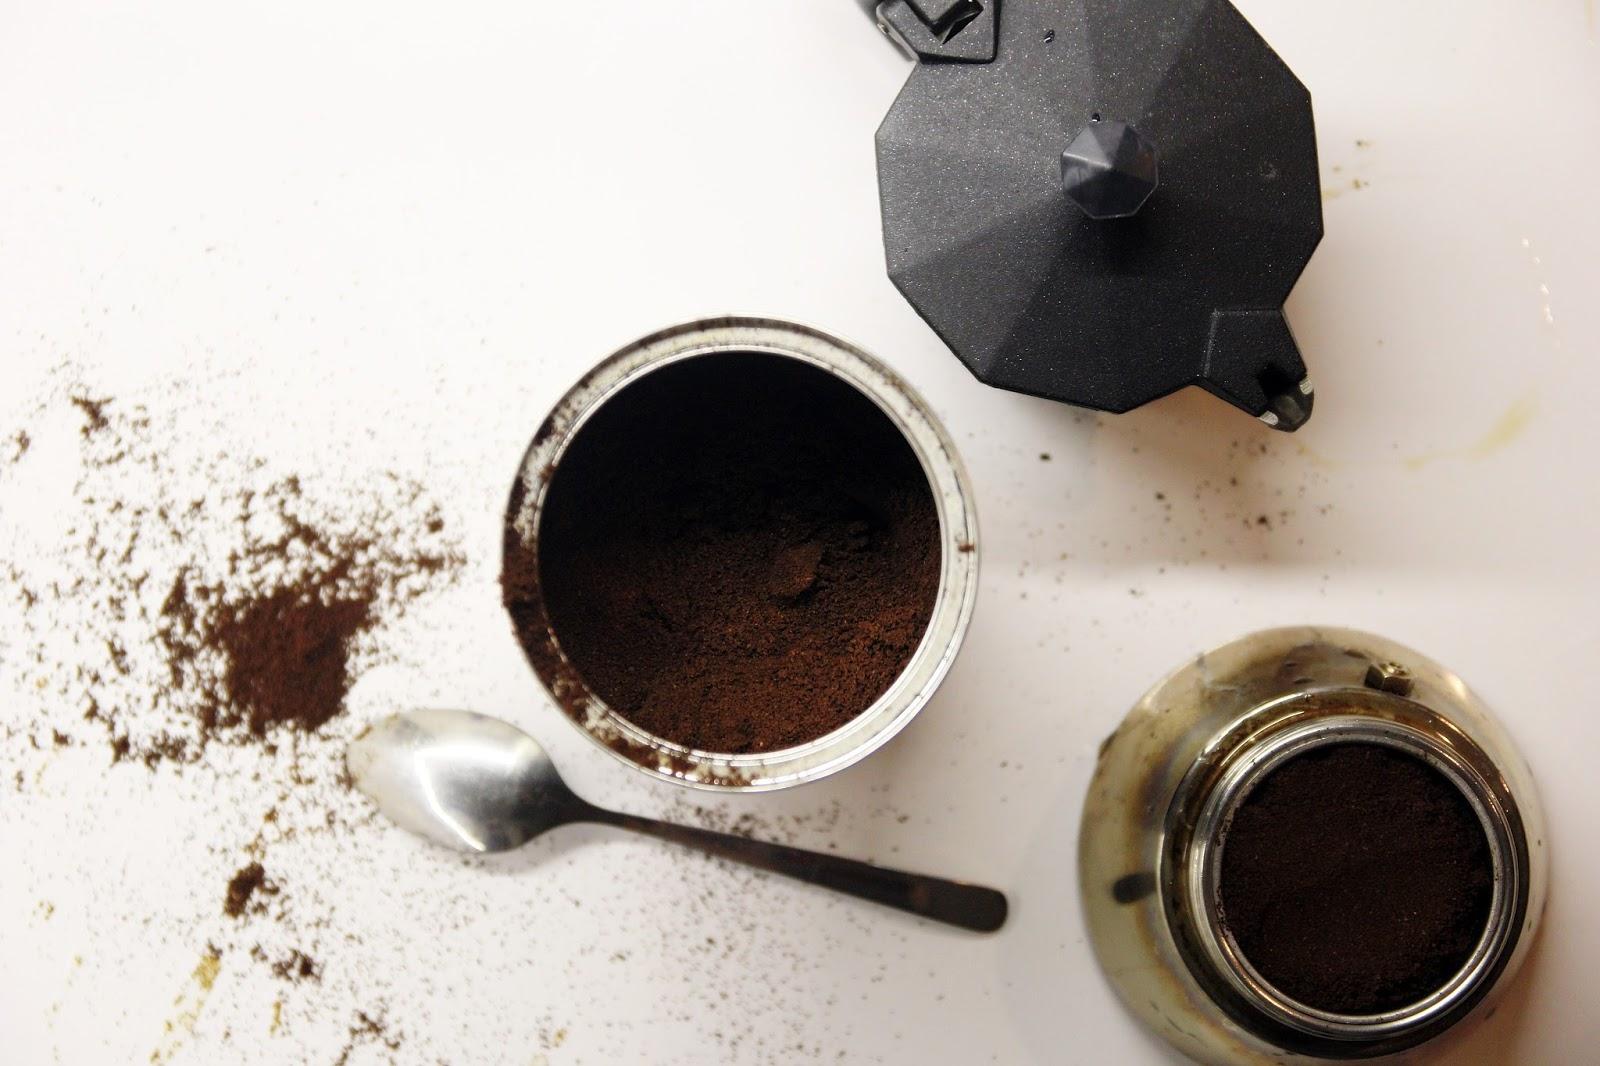 hur mycket kaffepulver ska man ha